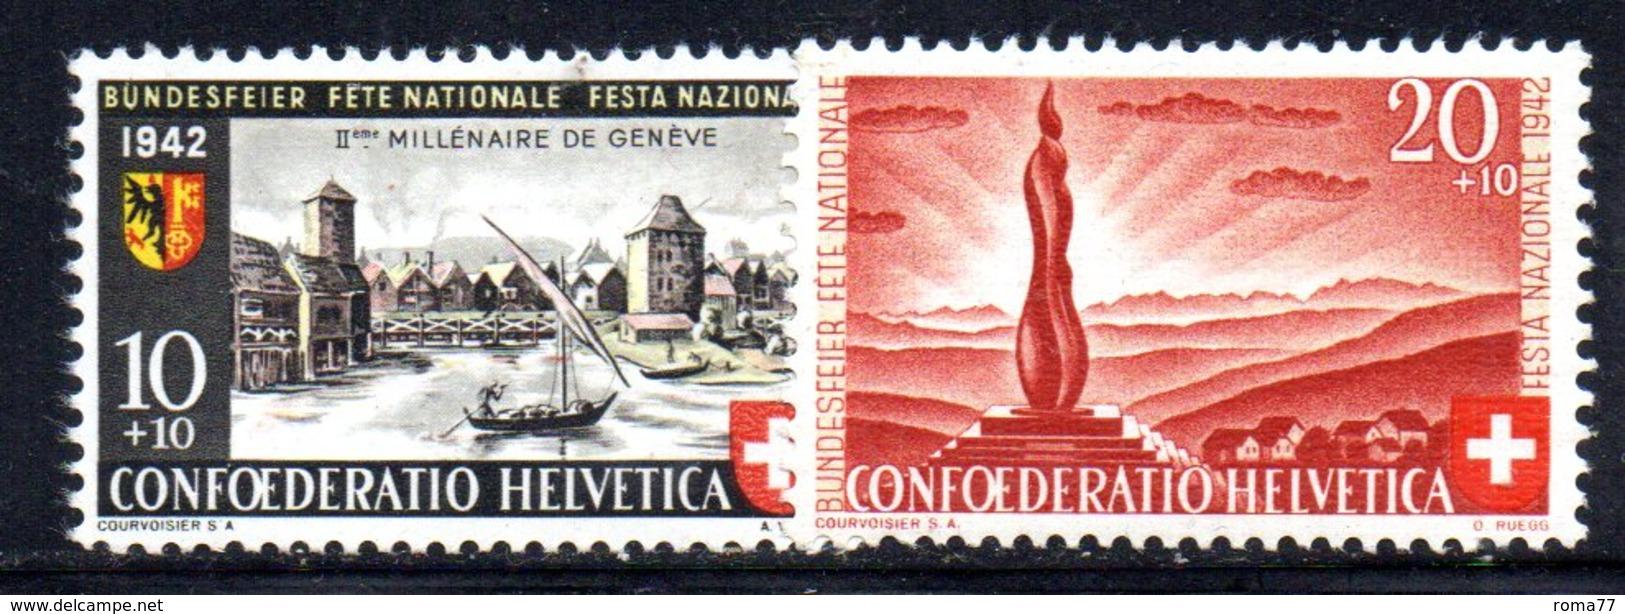 497/1500 - SVIZZERA 1942 , Pro Patria Serie Unificato N. 378/379  ***  MNH - Nuovi